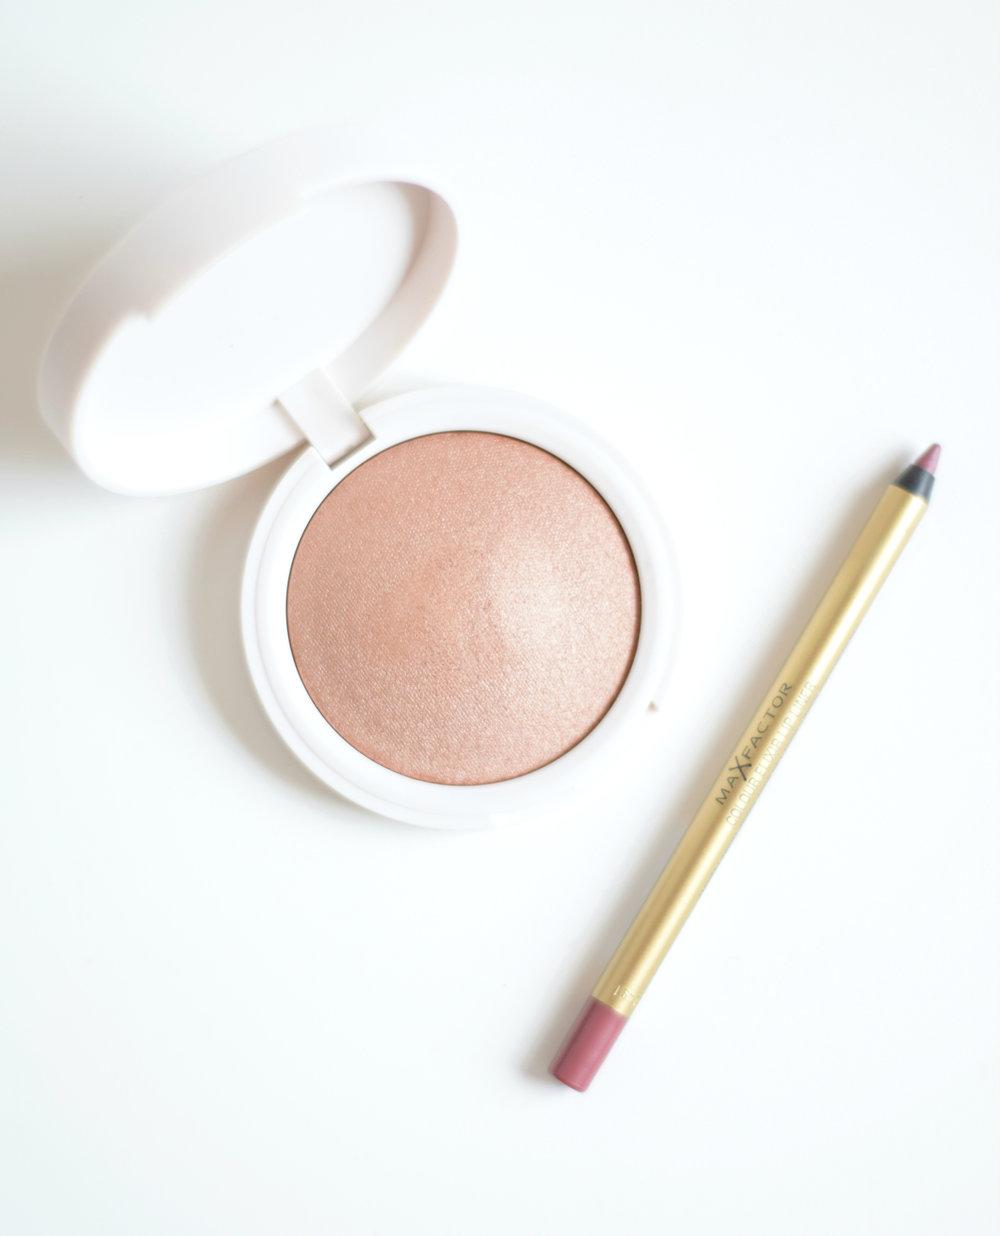 My everyday Makeup - www.theprettypeony.com